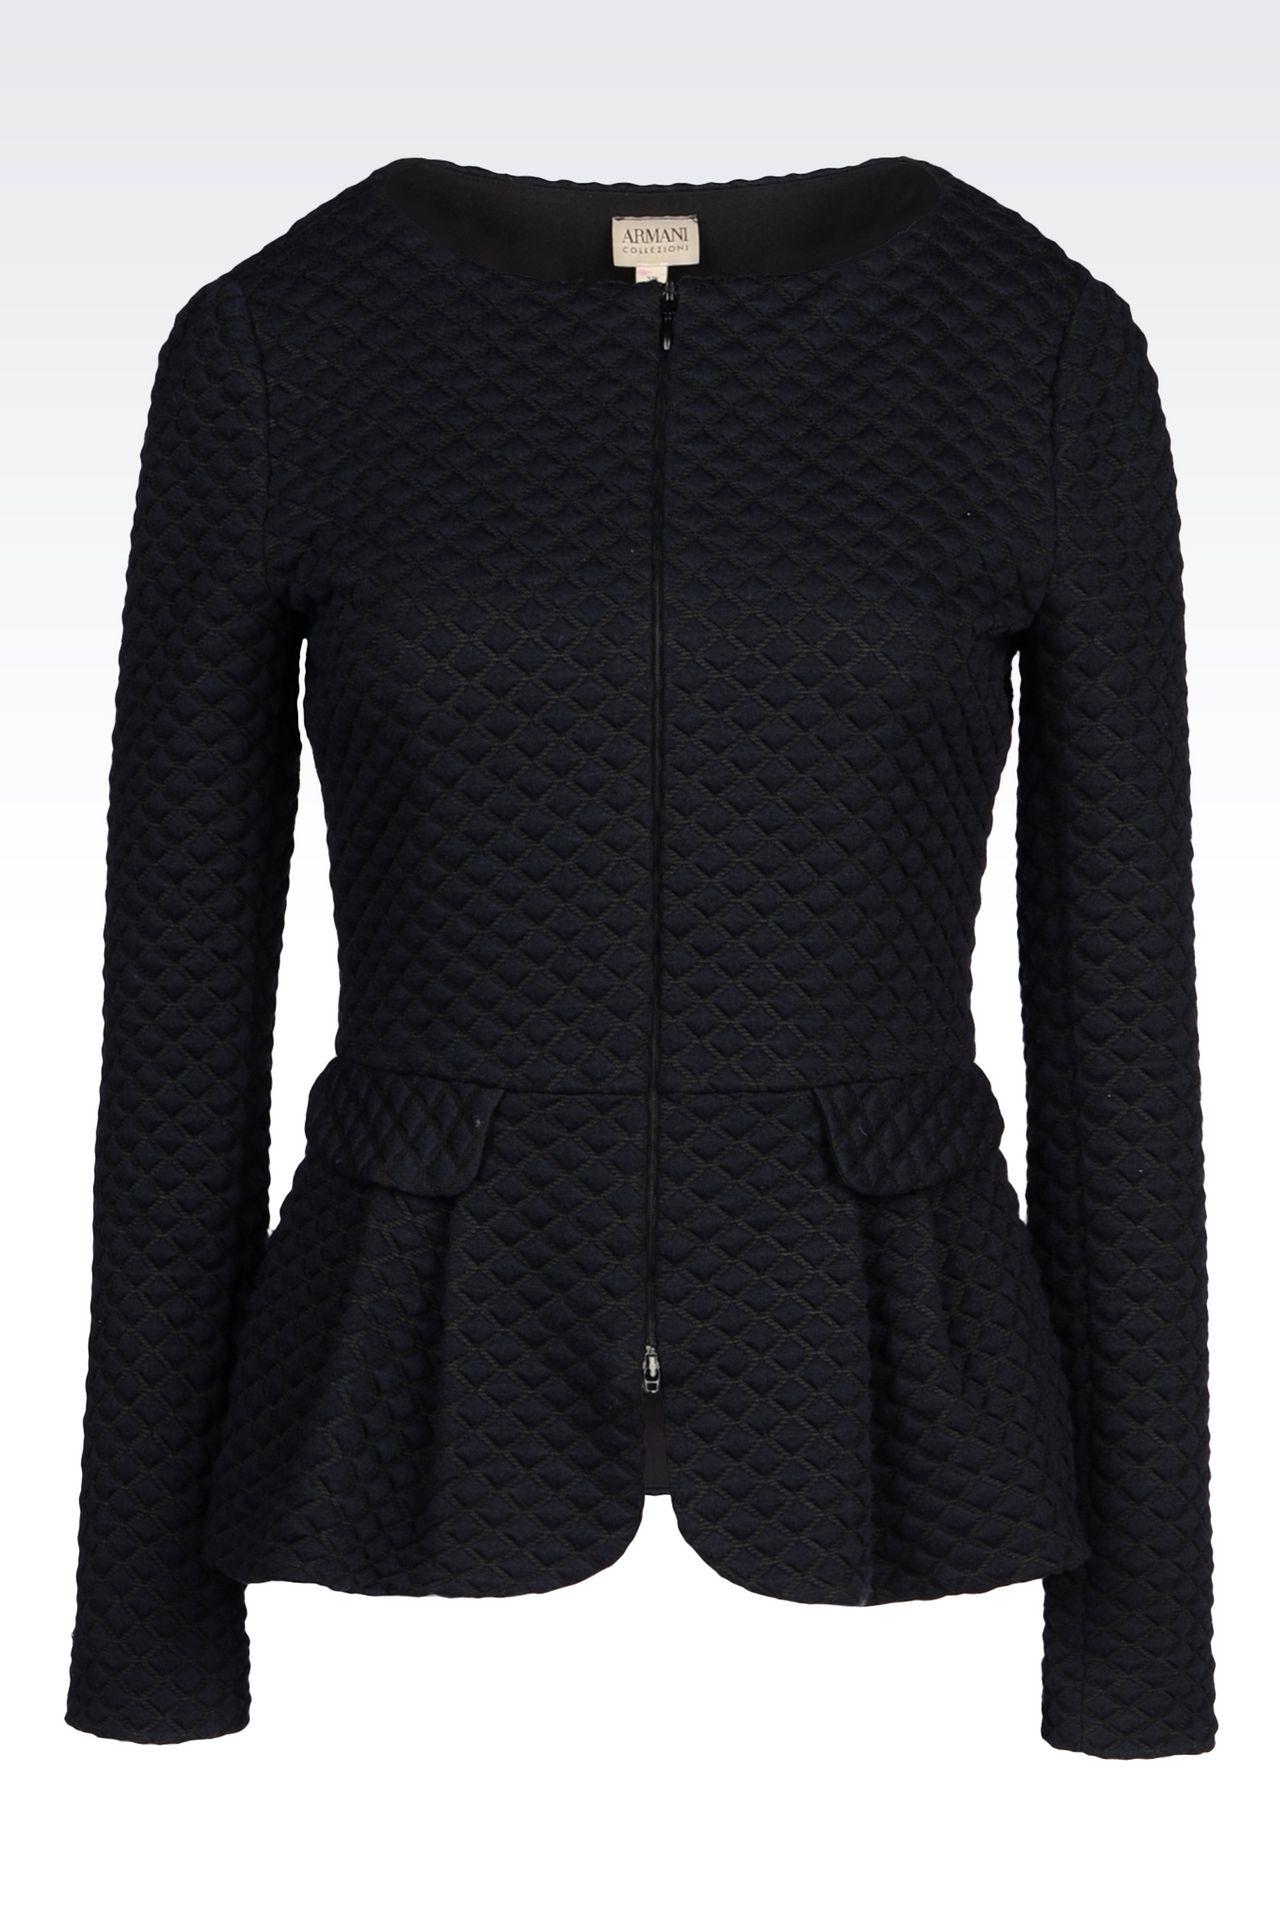 JACKET IN MATELASSÉ JERSEY: Dinner jackets Women by Armani - 0